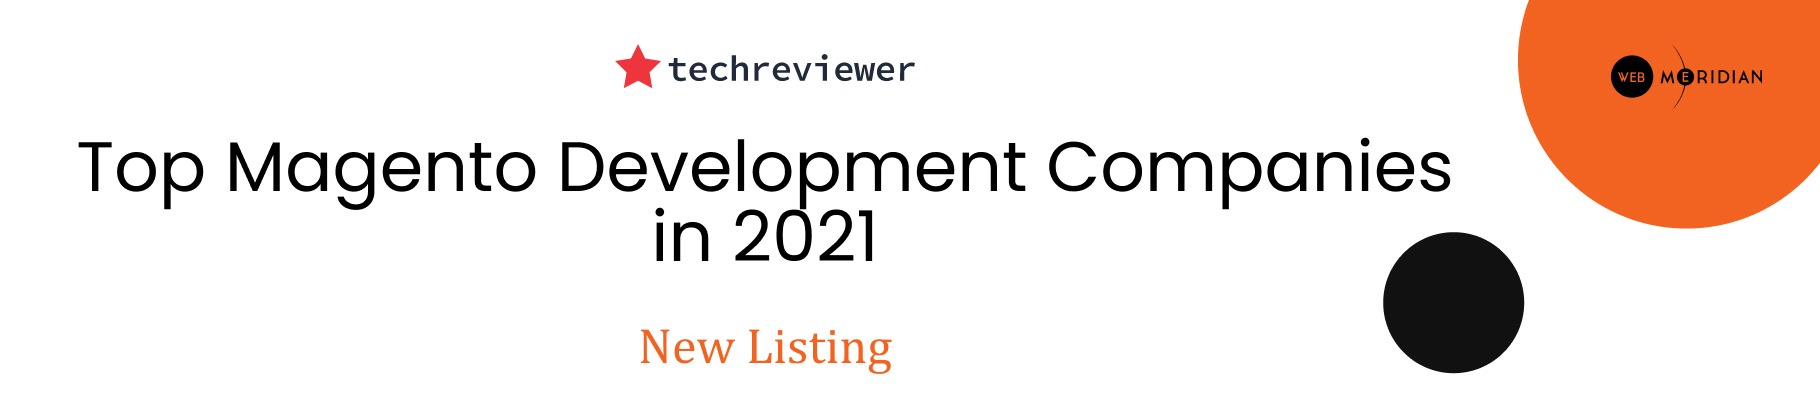 Top Magento Development Companies in 2021